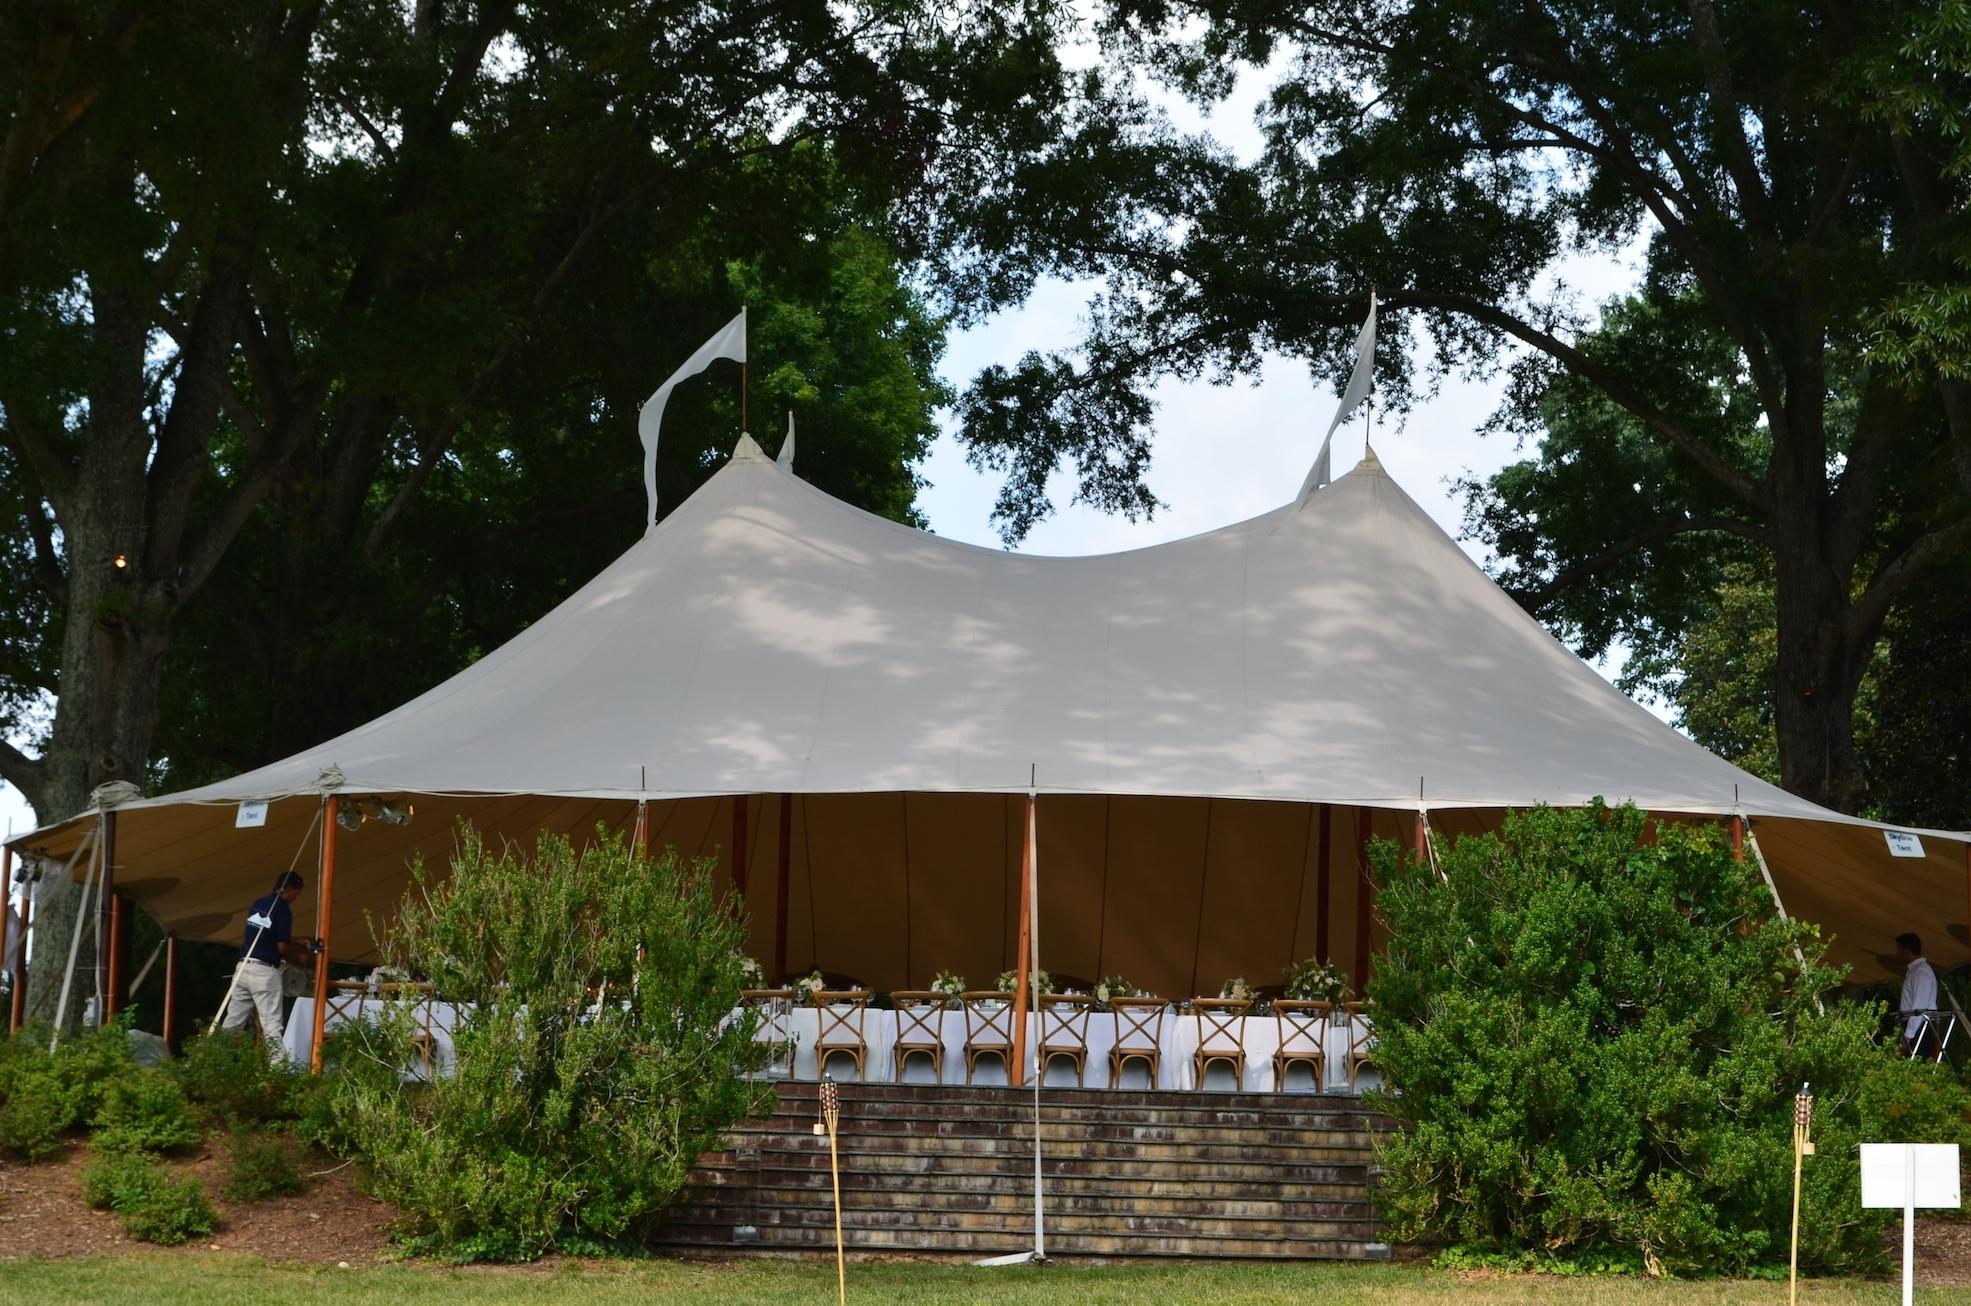 zz Croquet Lawn Tent Charlottesville Wedding